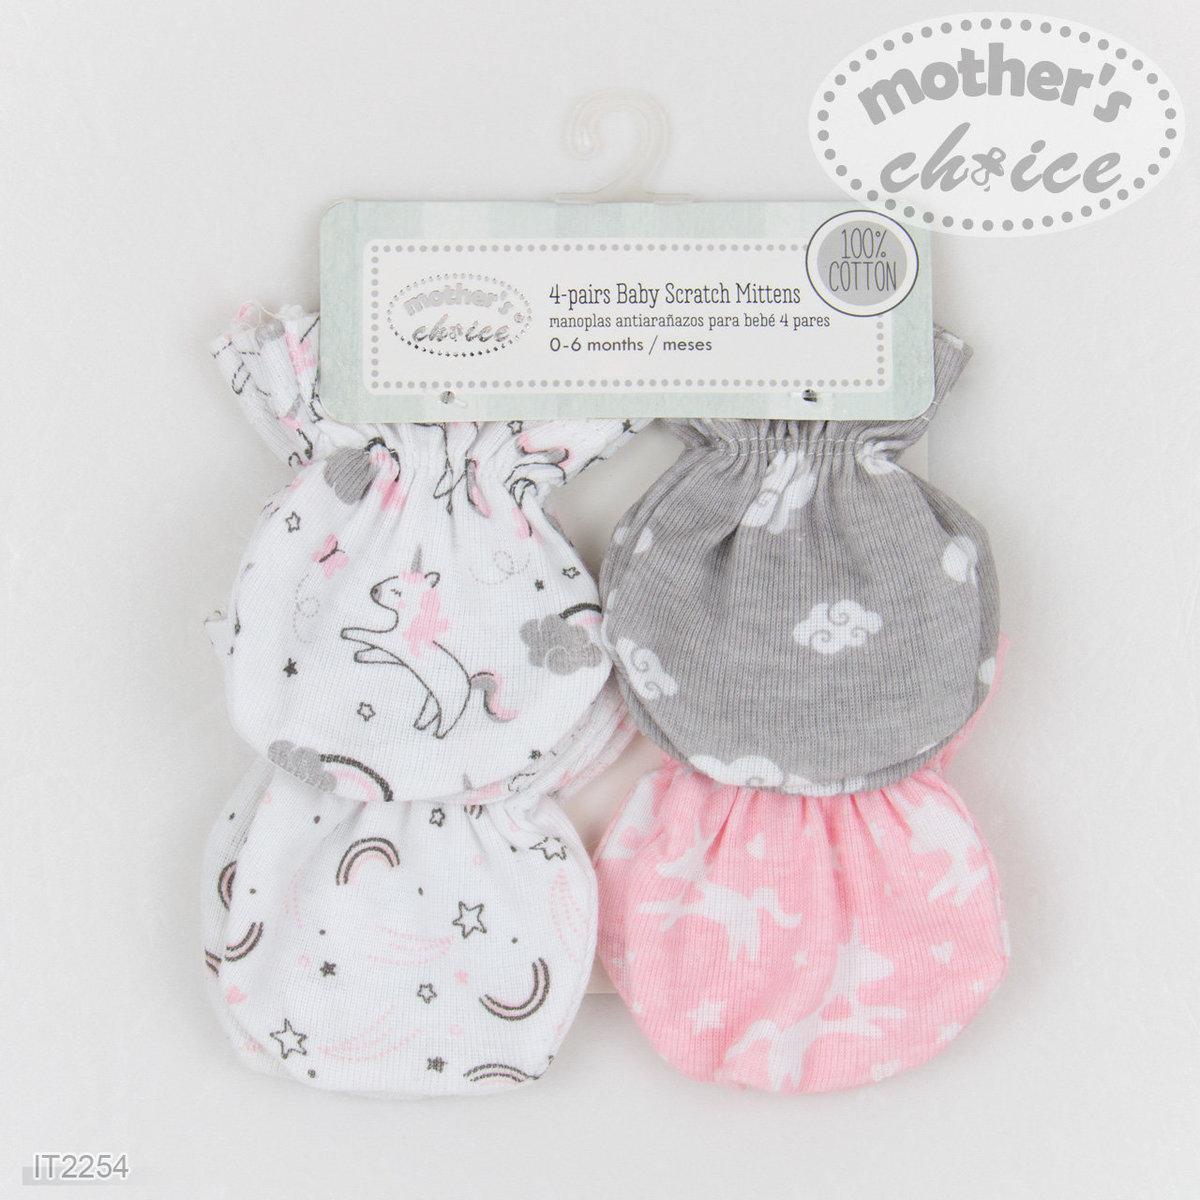 4 件裝嬰兒手襪 (獨角獸)